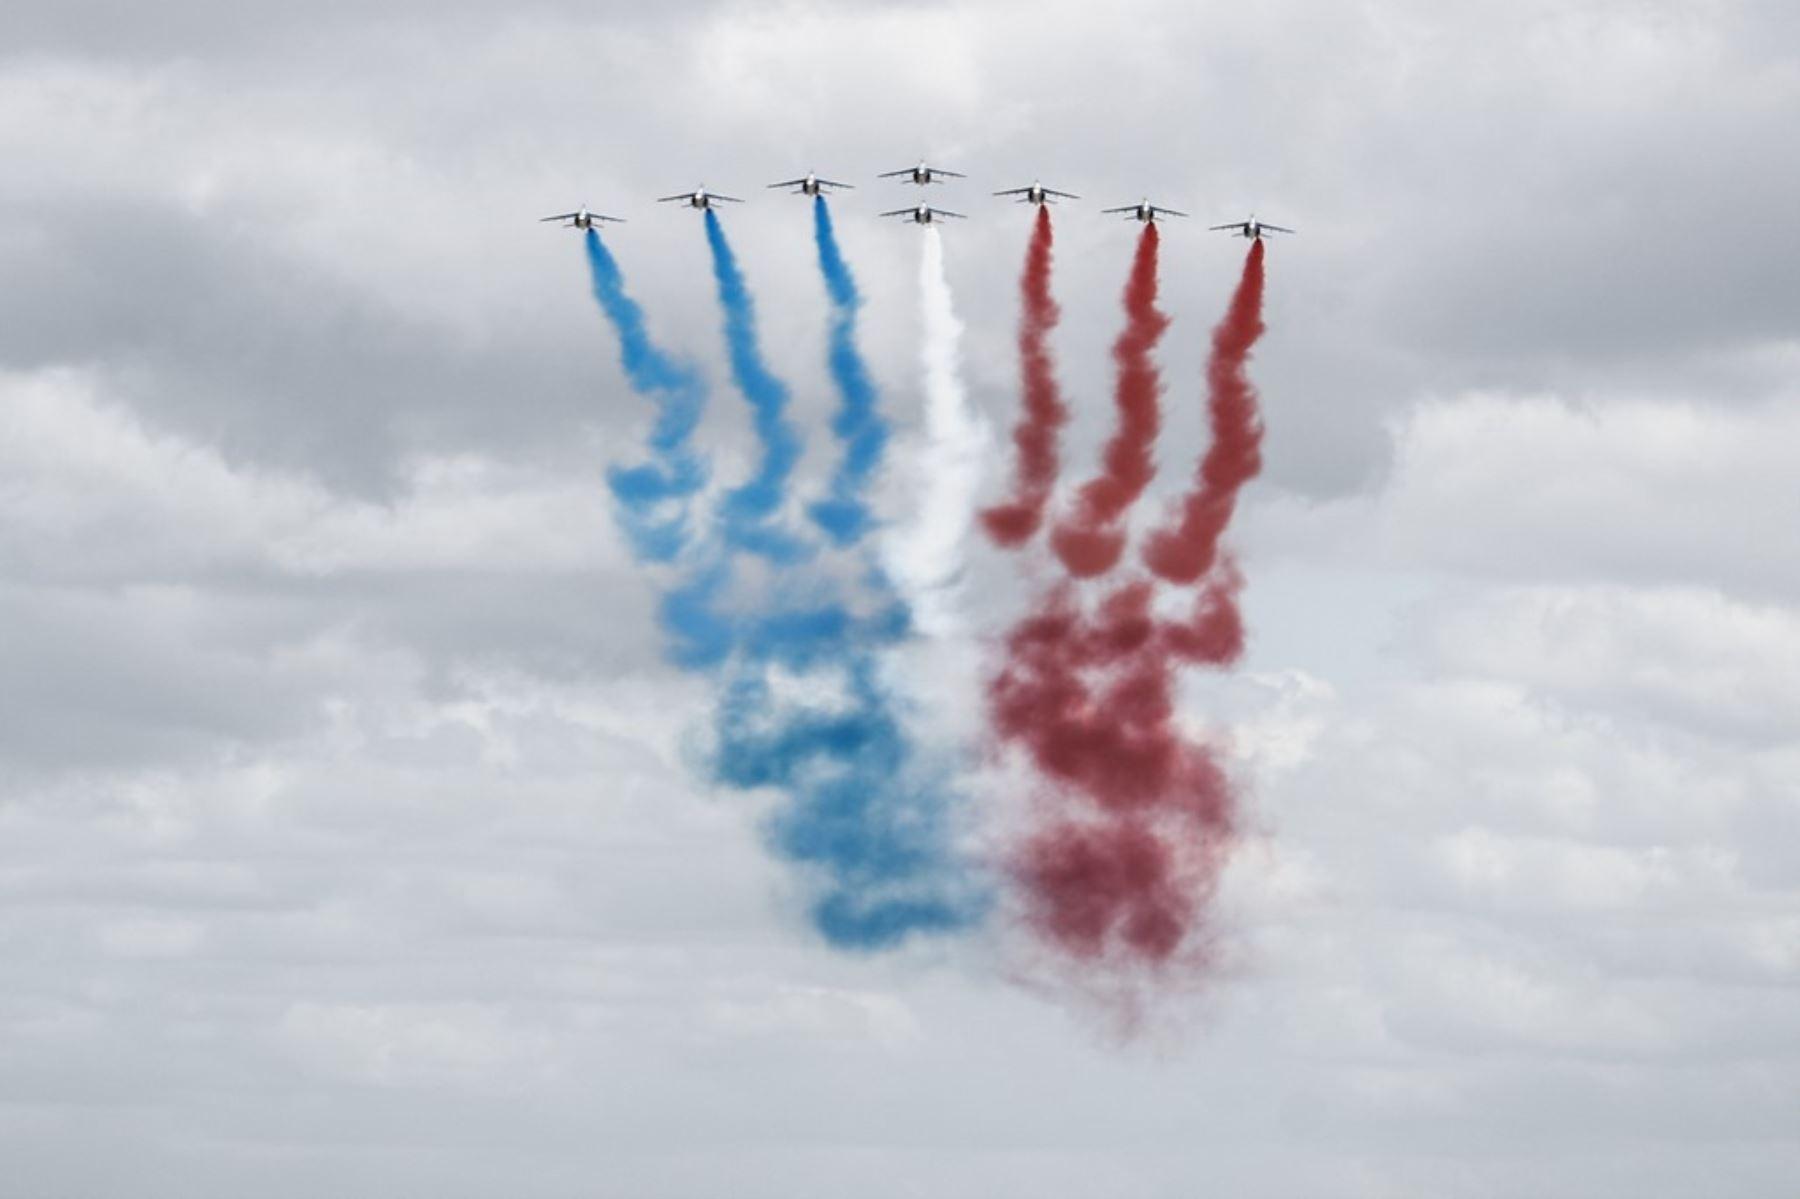 """El equipo de vuelo acrobático de élite francés """"Patrouille de France"""" (PAF) realiza una exhibición de vuelo sobre Vierville-sur-Mer, noroeste de Francia, como parte de las conmemoraciones del Día D de 1994 que marcan el 76 aniversario de los Aliados de la Segunda Guerra Mundial desembarcos en Normandía. Foto: AFP"""